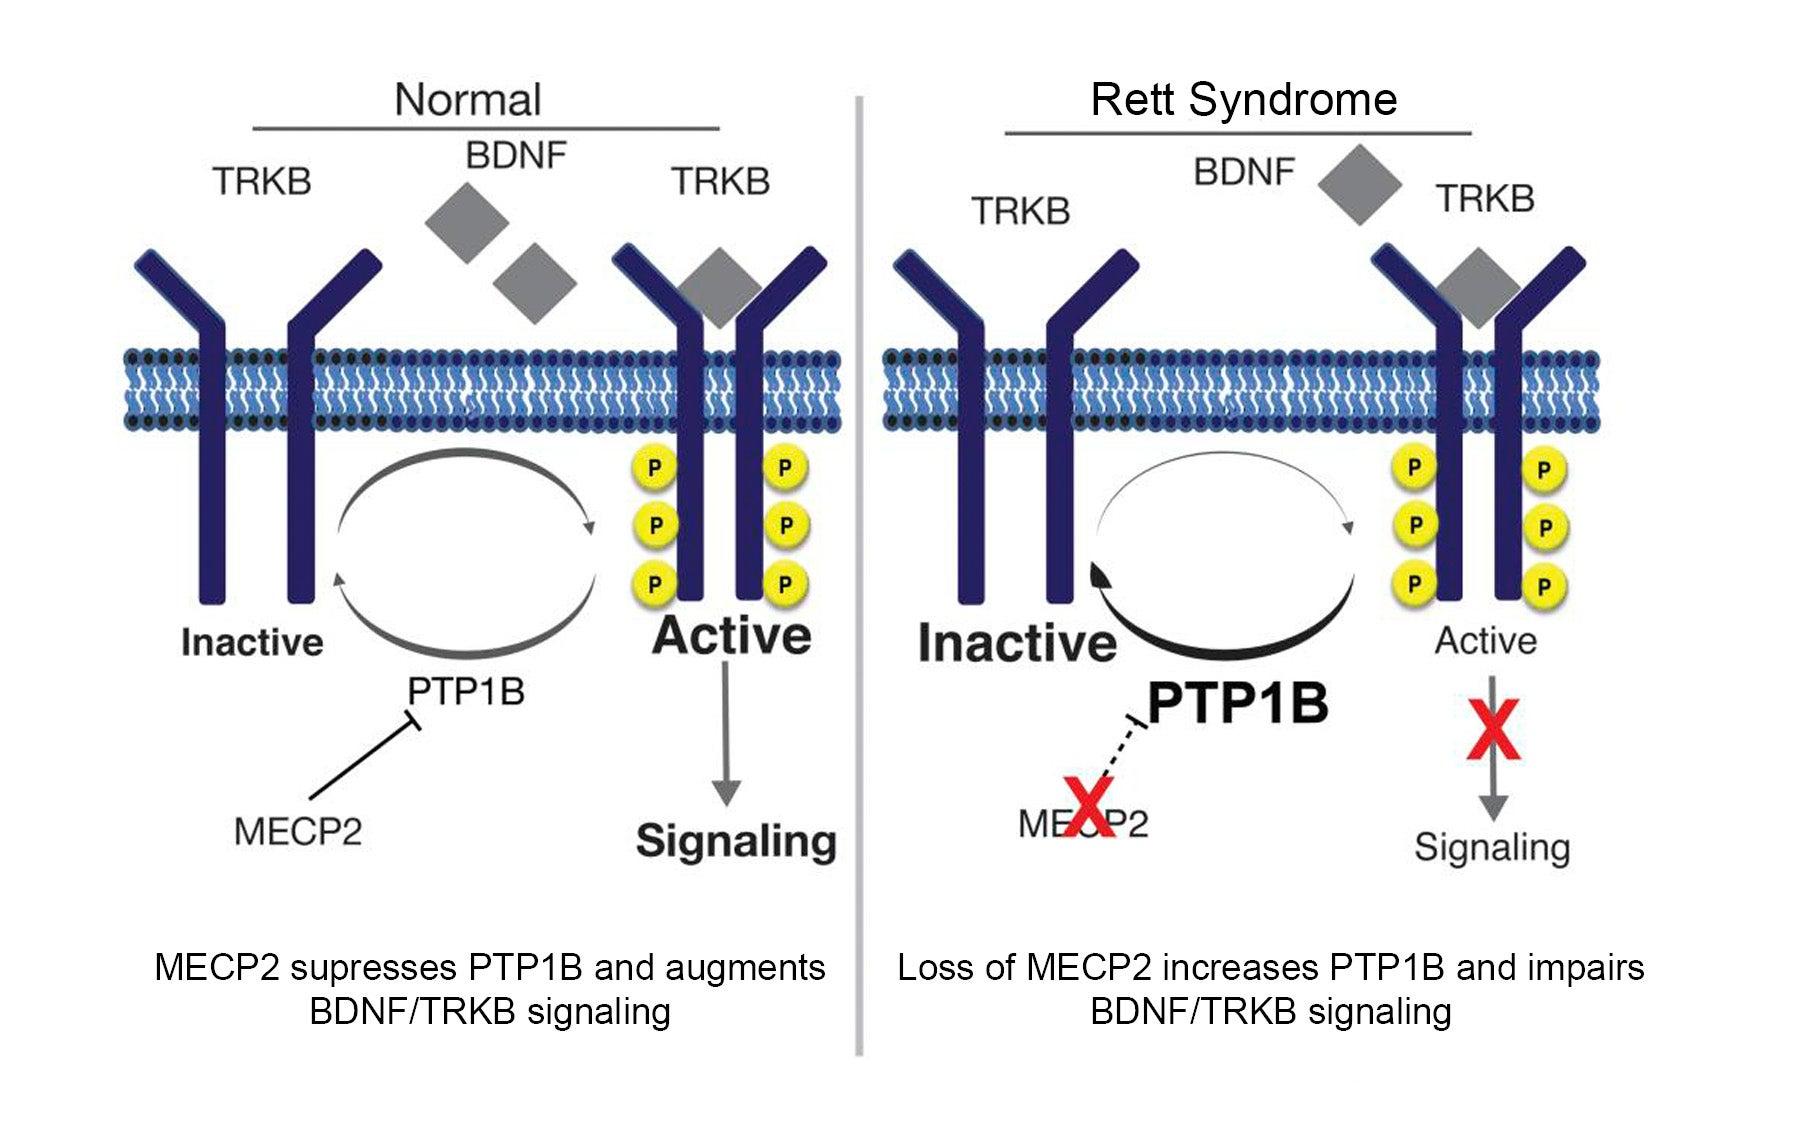 Nicholas Tonks Rett syndrome reversal